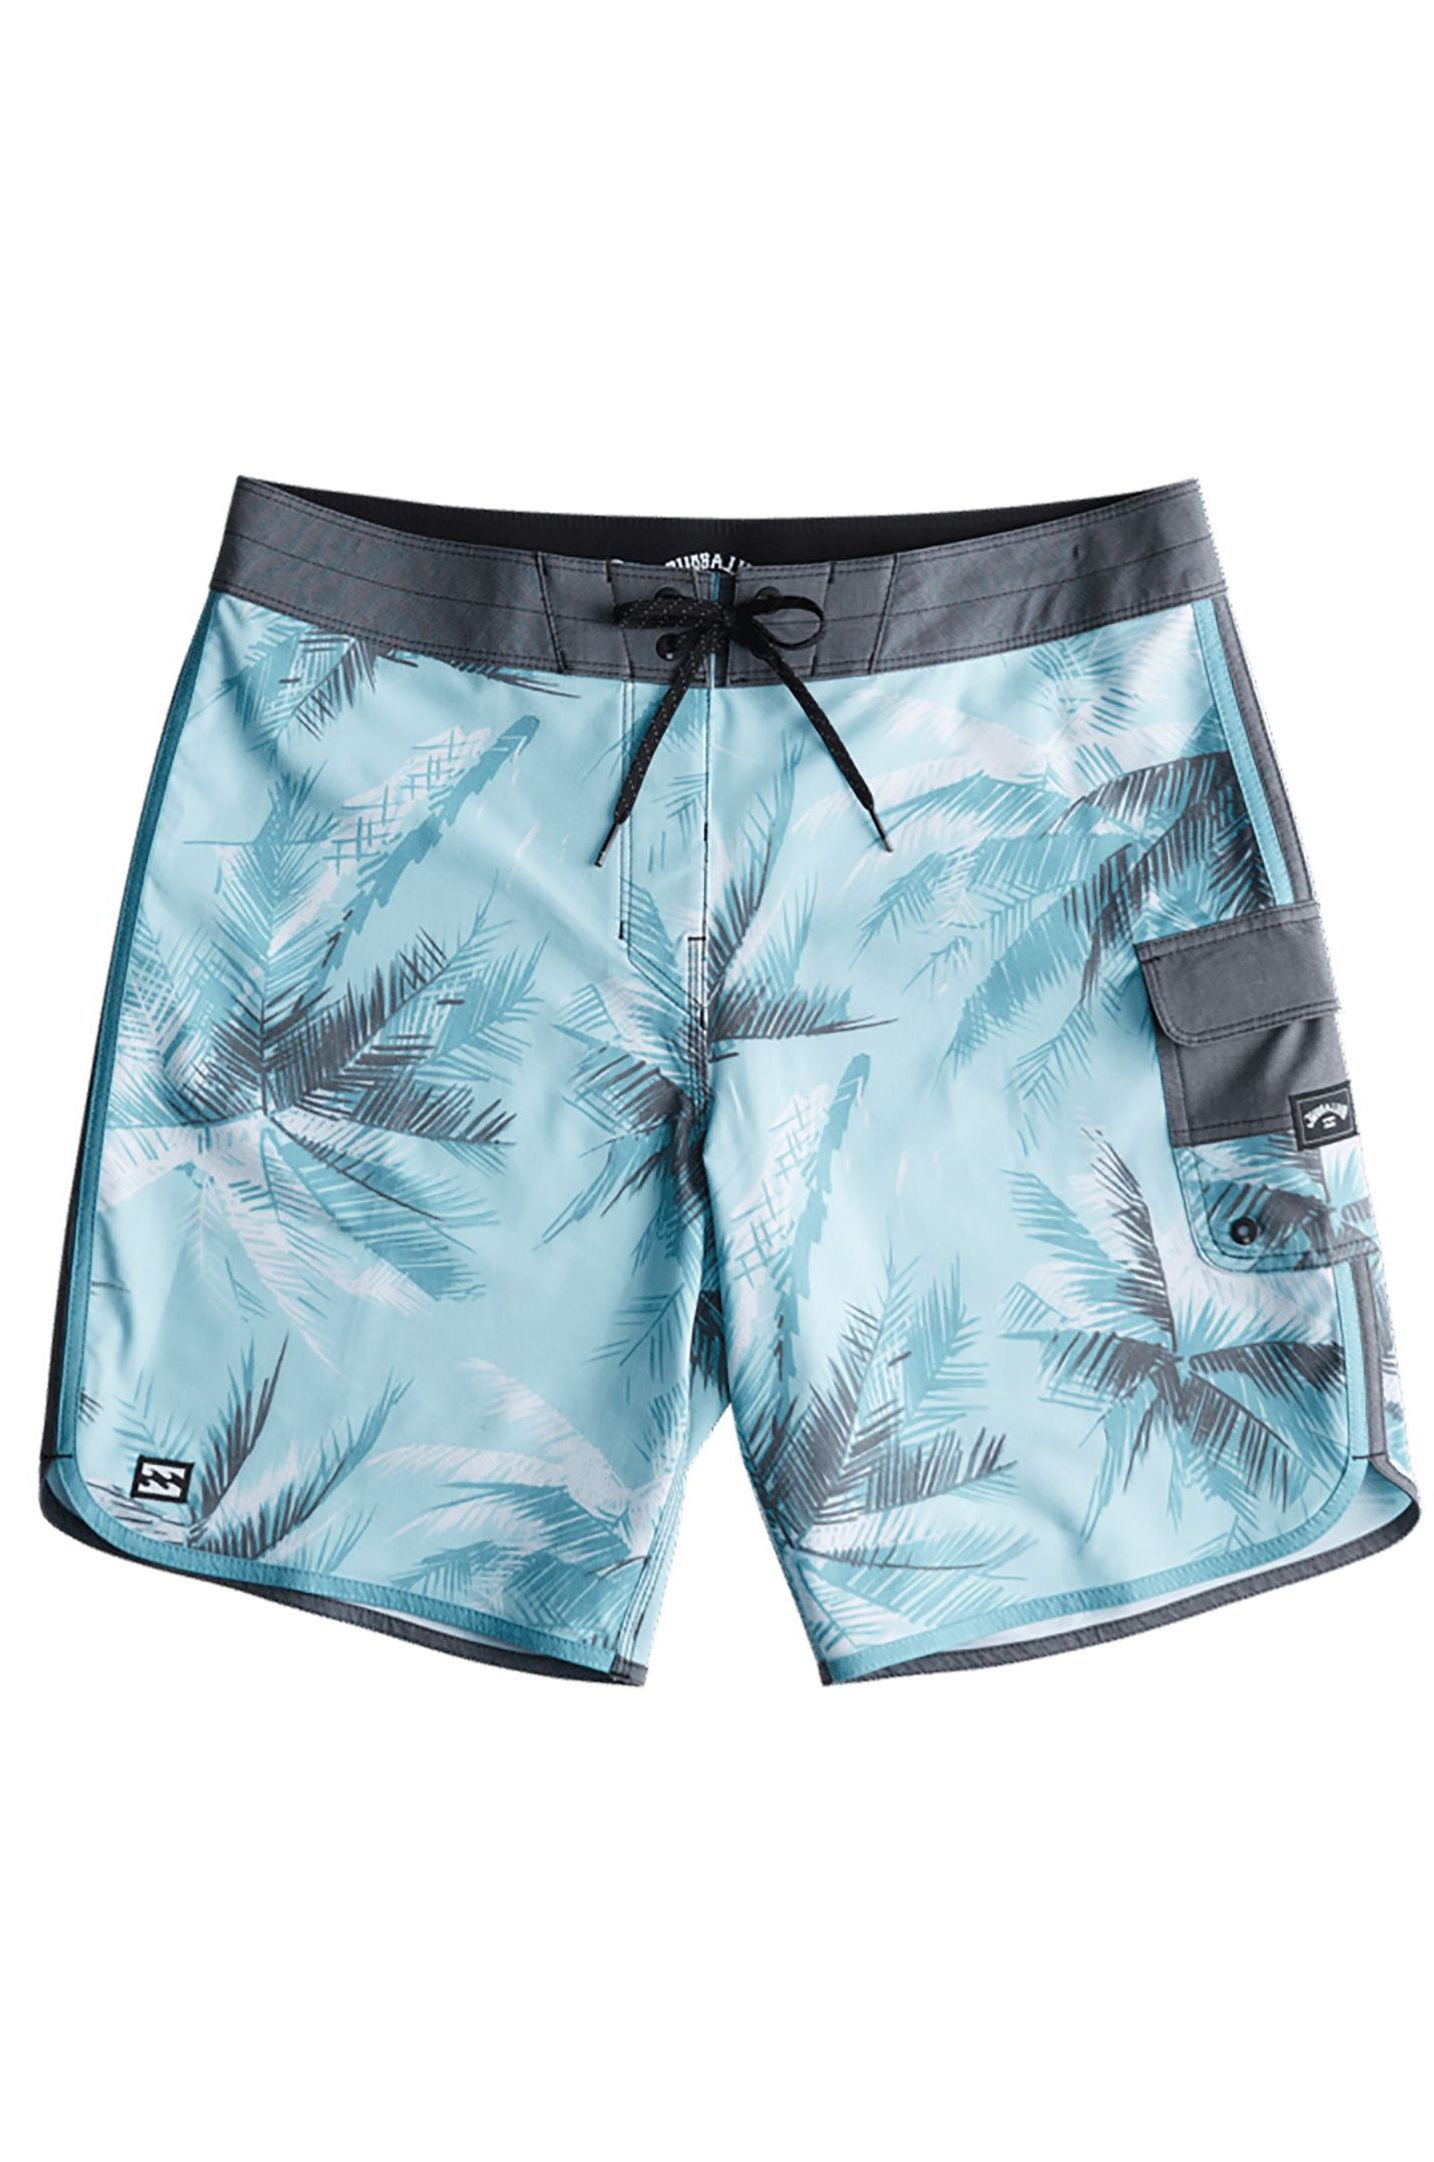 Billabong Boardshorts 73 LINEUP PRO Aqua